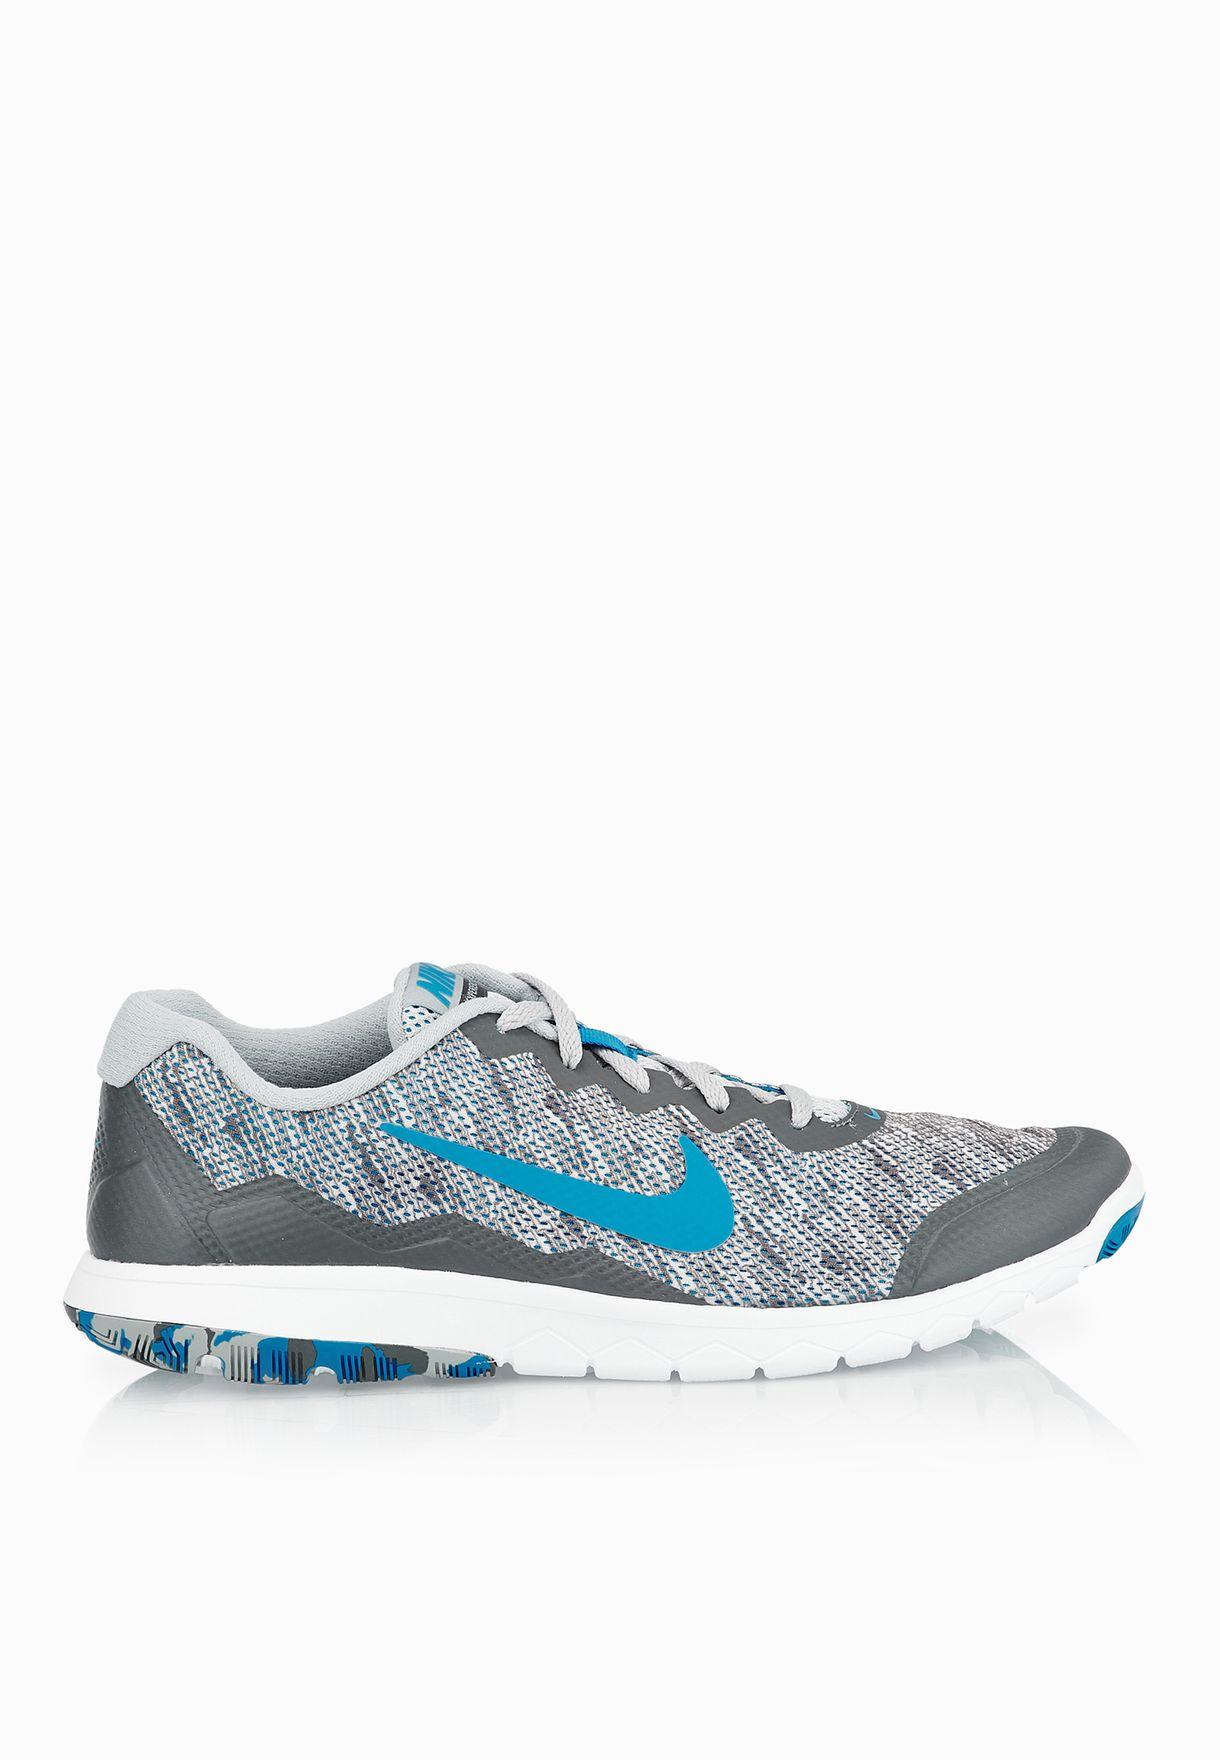 4b7977dfa6e3 Shop Nike grey Flex Experience RN 4 PREM 749174-018 for Men in UAE ...